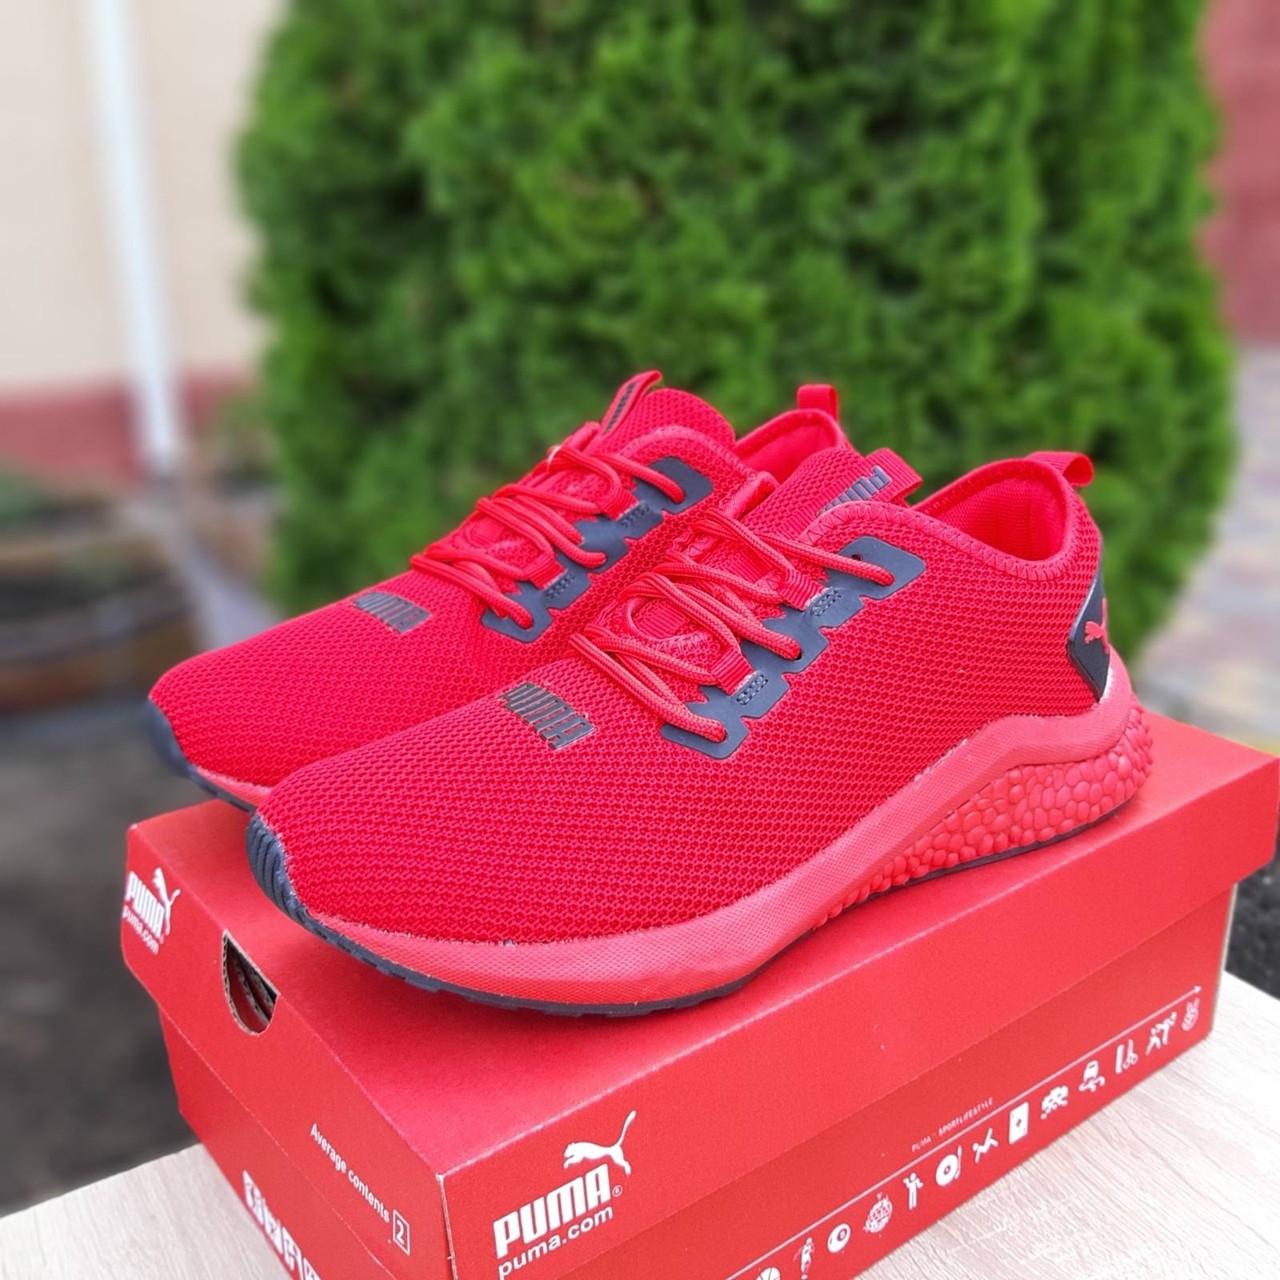 Puma Hybrid мужские летние красные кроссовки на шнурках. Весенние мужские на сетке кроссы.